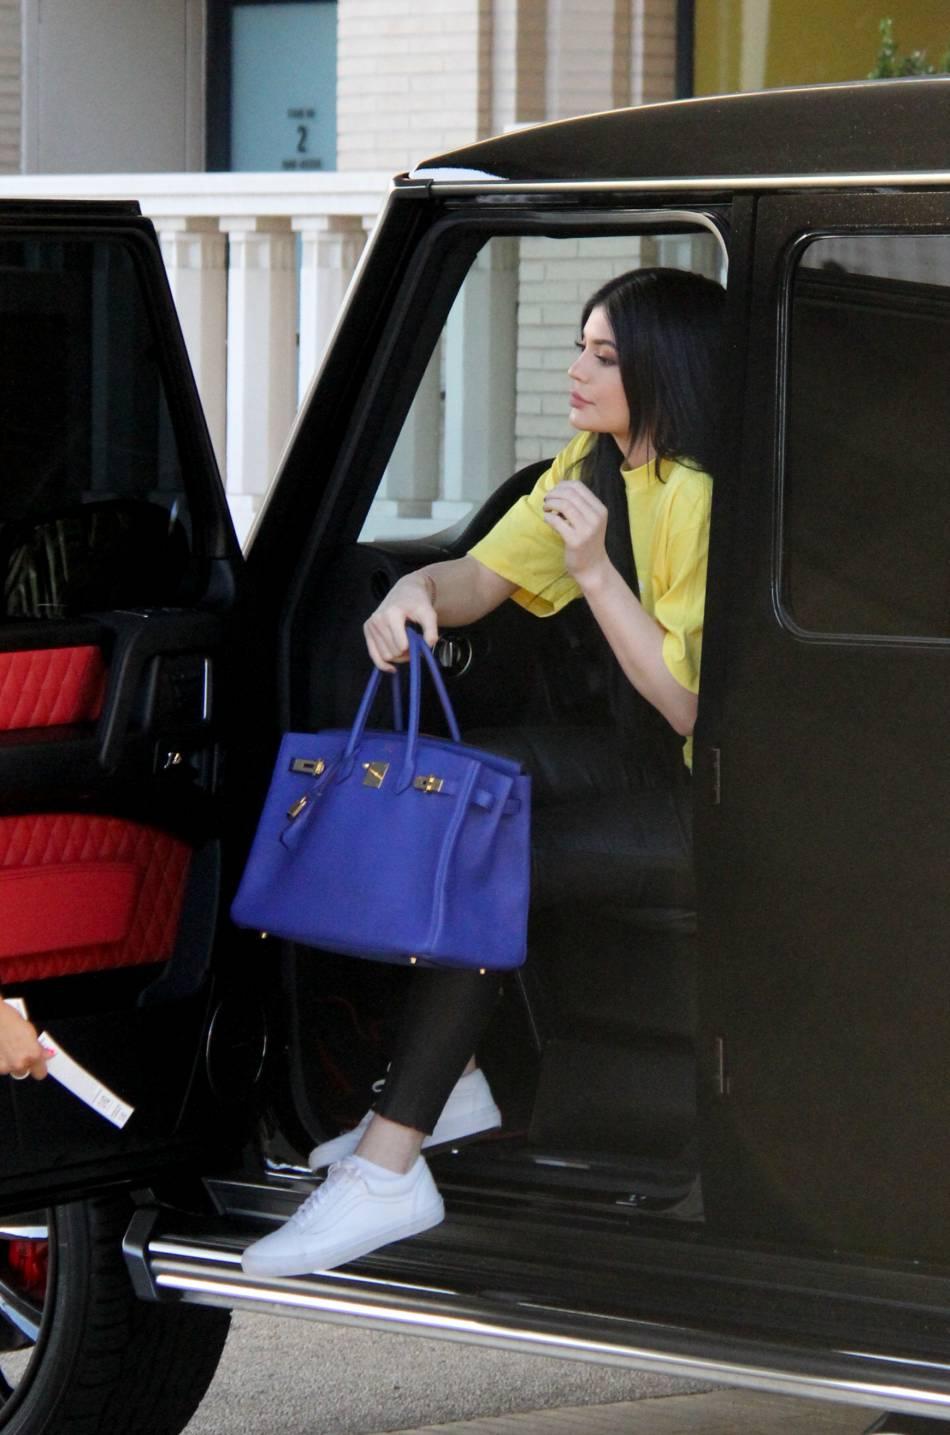 De passage à New-York, elle a notamment assisté au défilé de son beau-frère Kanye West en compagnie du clan Kardashian.